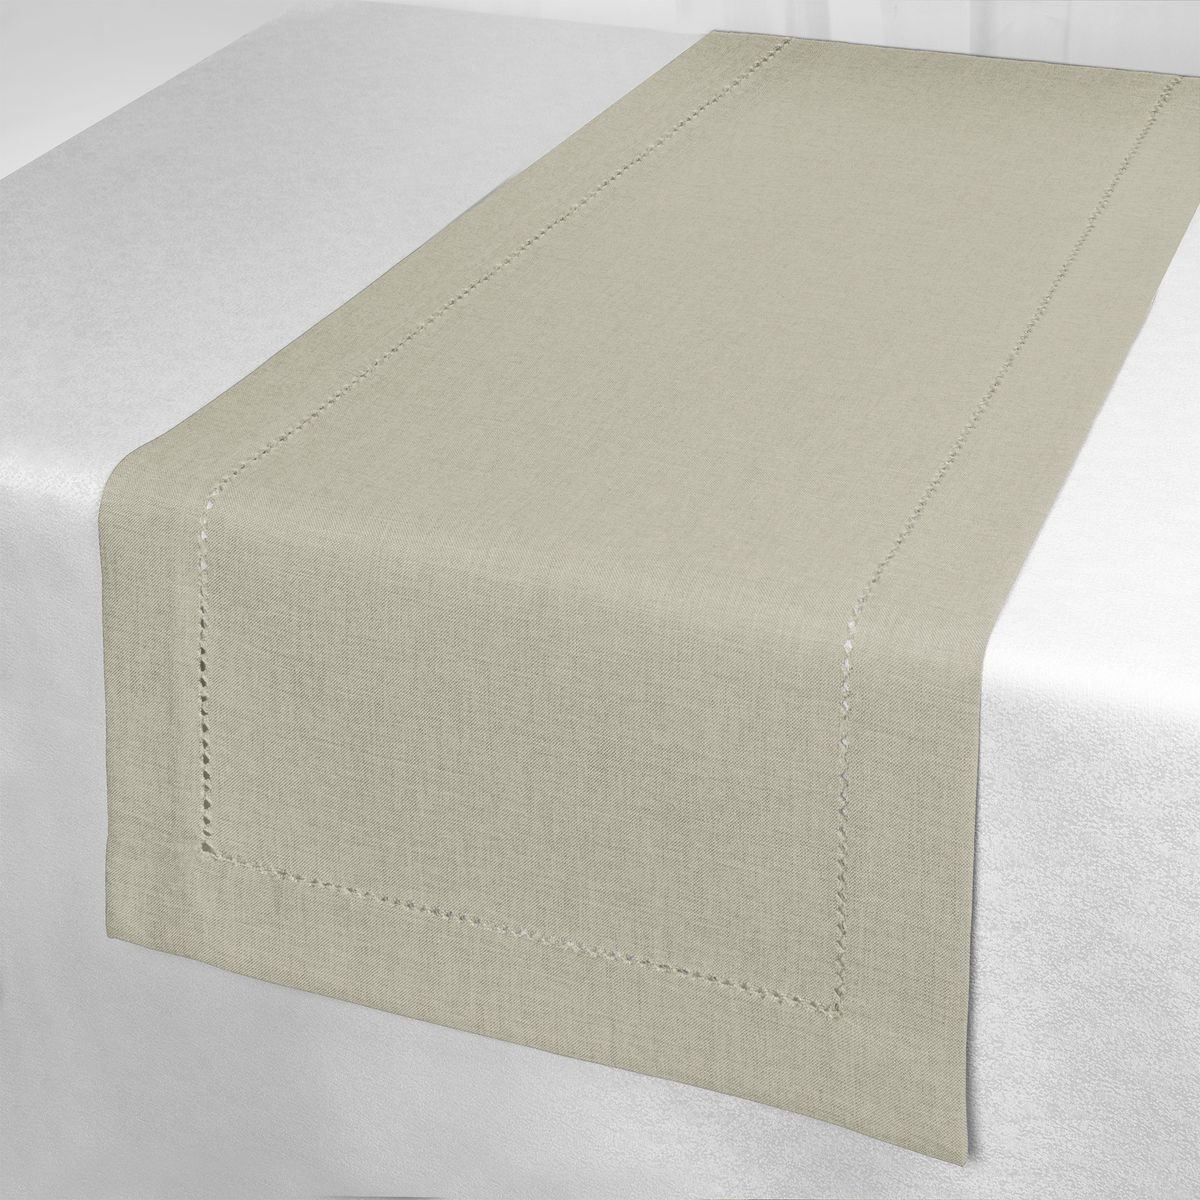 Дорожка для декорирования стола Schaefer, 40 x 140 см. 07600-21107600-211Дорожка для декорирования стола Schaefer может быть использована, как основной элемент, так и дополнение для создания уюта и романтического настроения.Дорожка выполнена из полиэстера. Изделие легко стирать: оно не мнется, не садится и быстро сохнет, более долговечно, чем изделие из натуральных волокон.Материал: 100% полиэстер.Размер: 40 х 140 см.